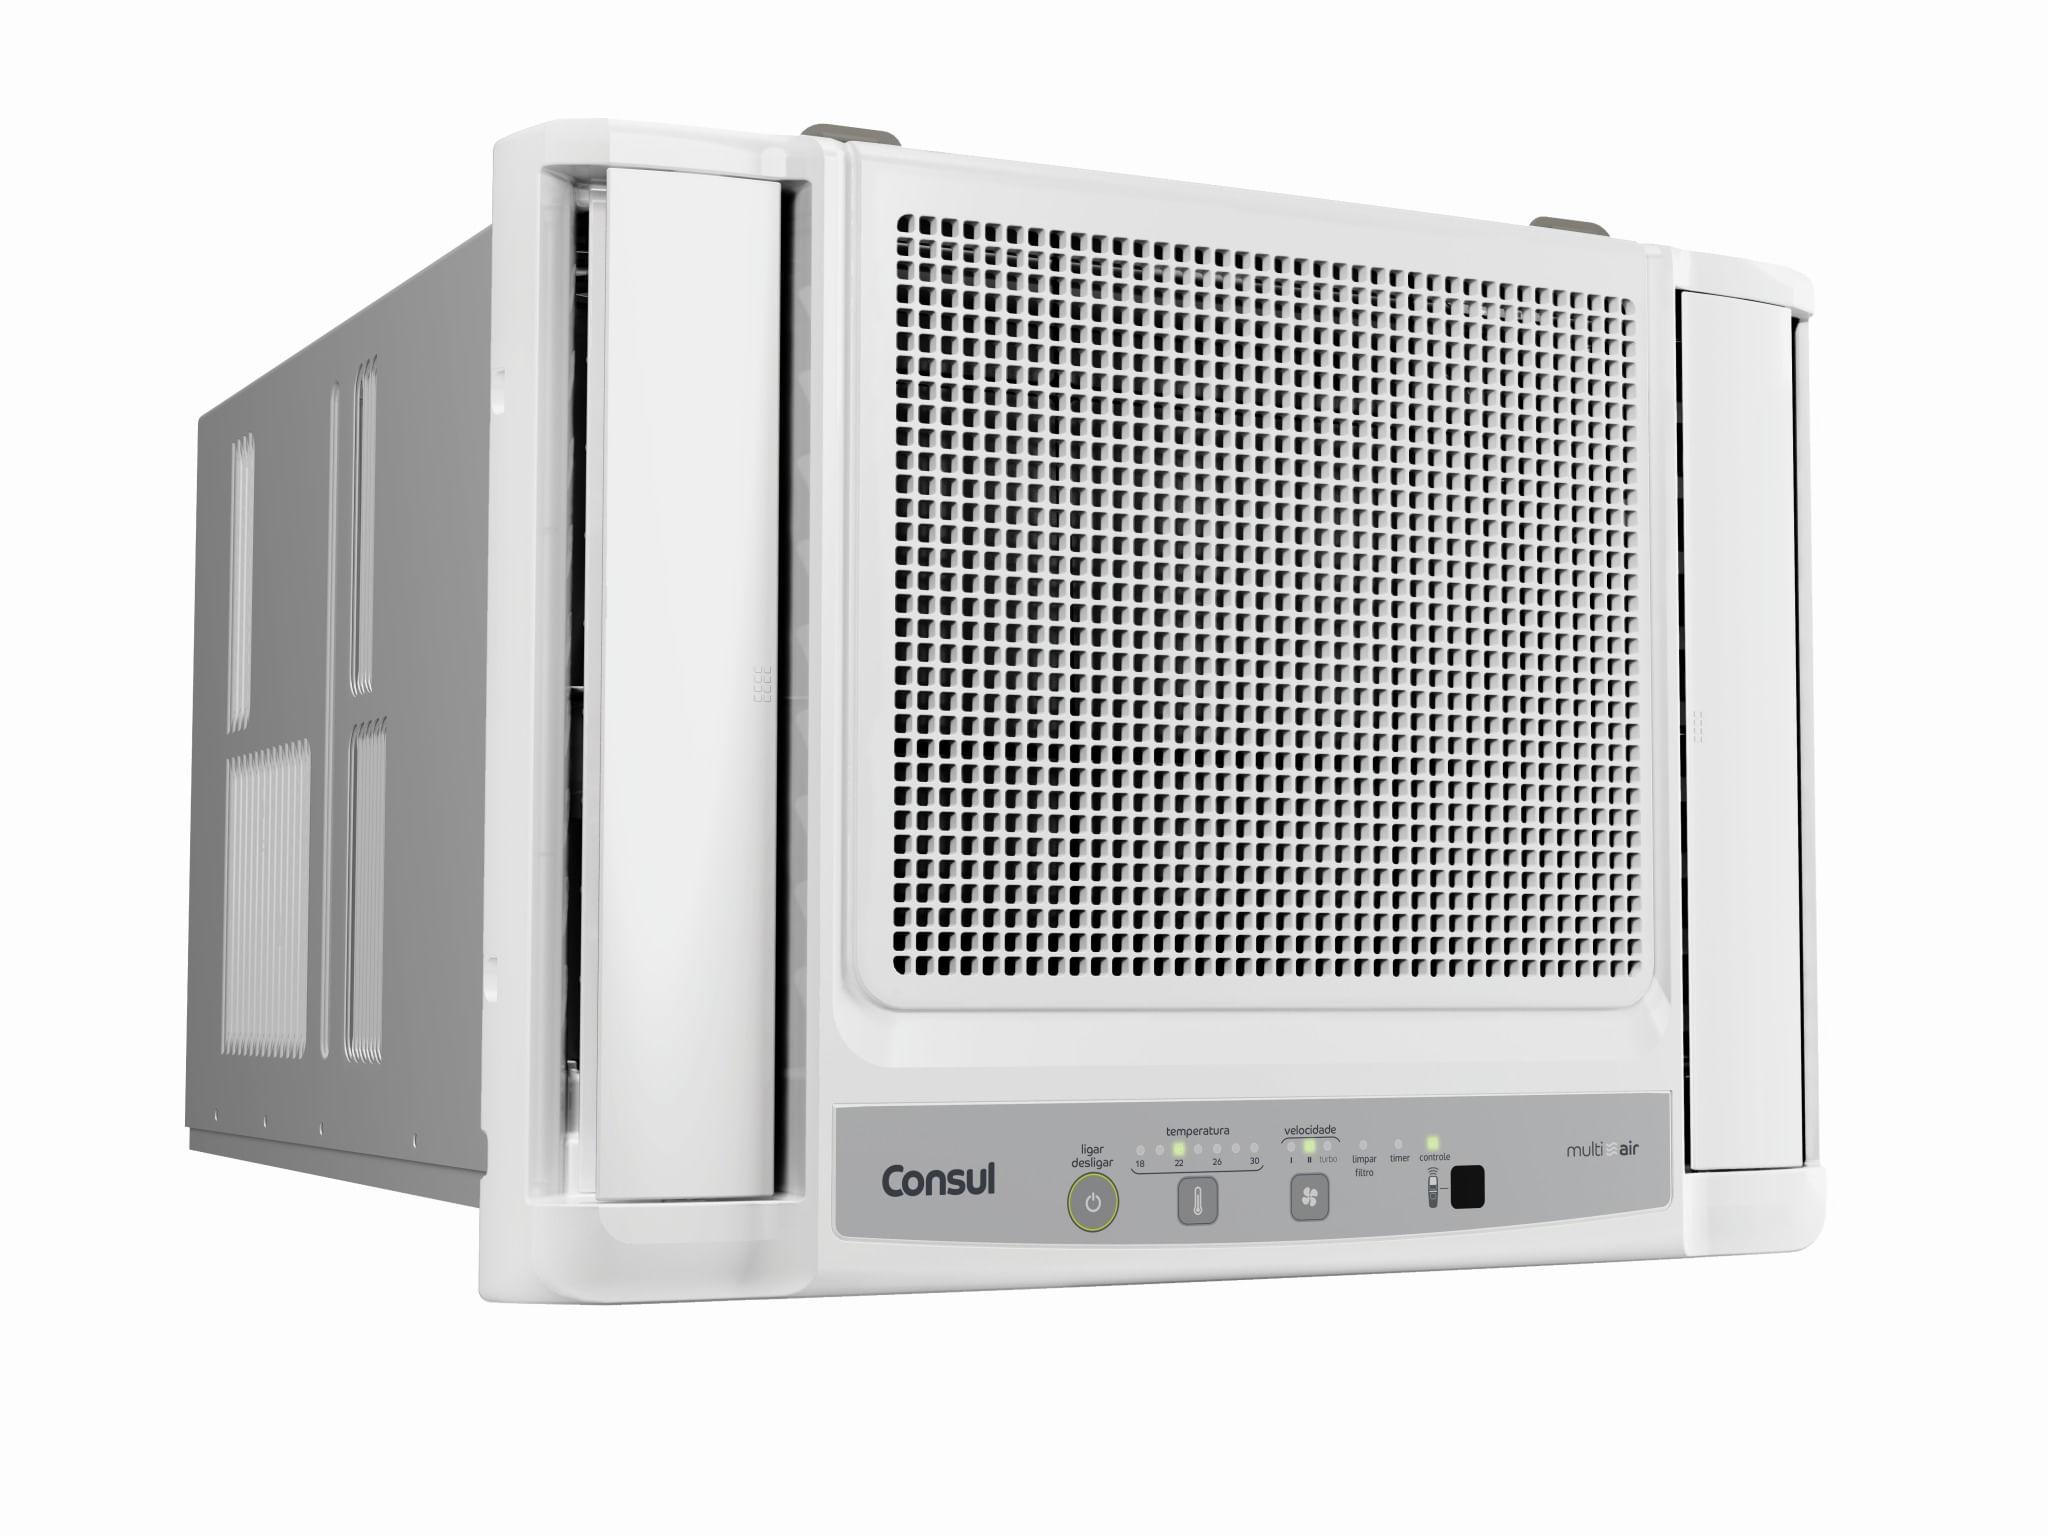 07d9122d8 Ar condicionado janela 10000 BTUs h Consul frio eletrônico com filtro  antipoeira - CCN10DB